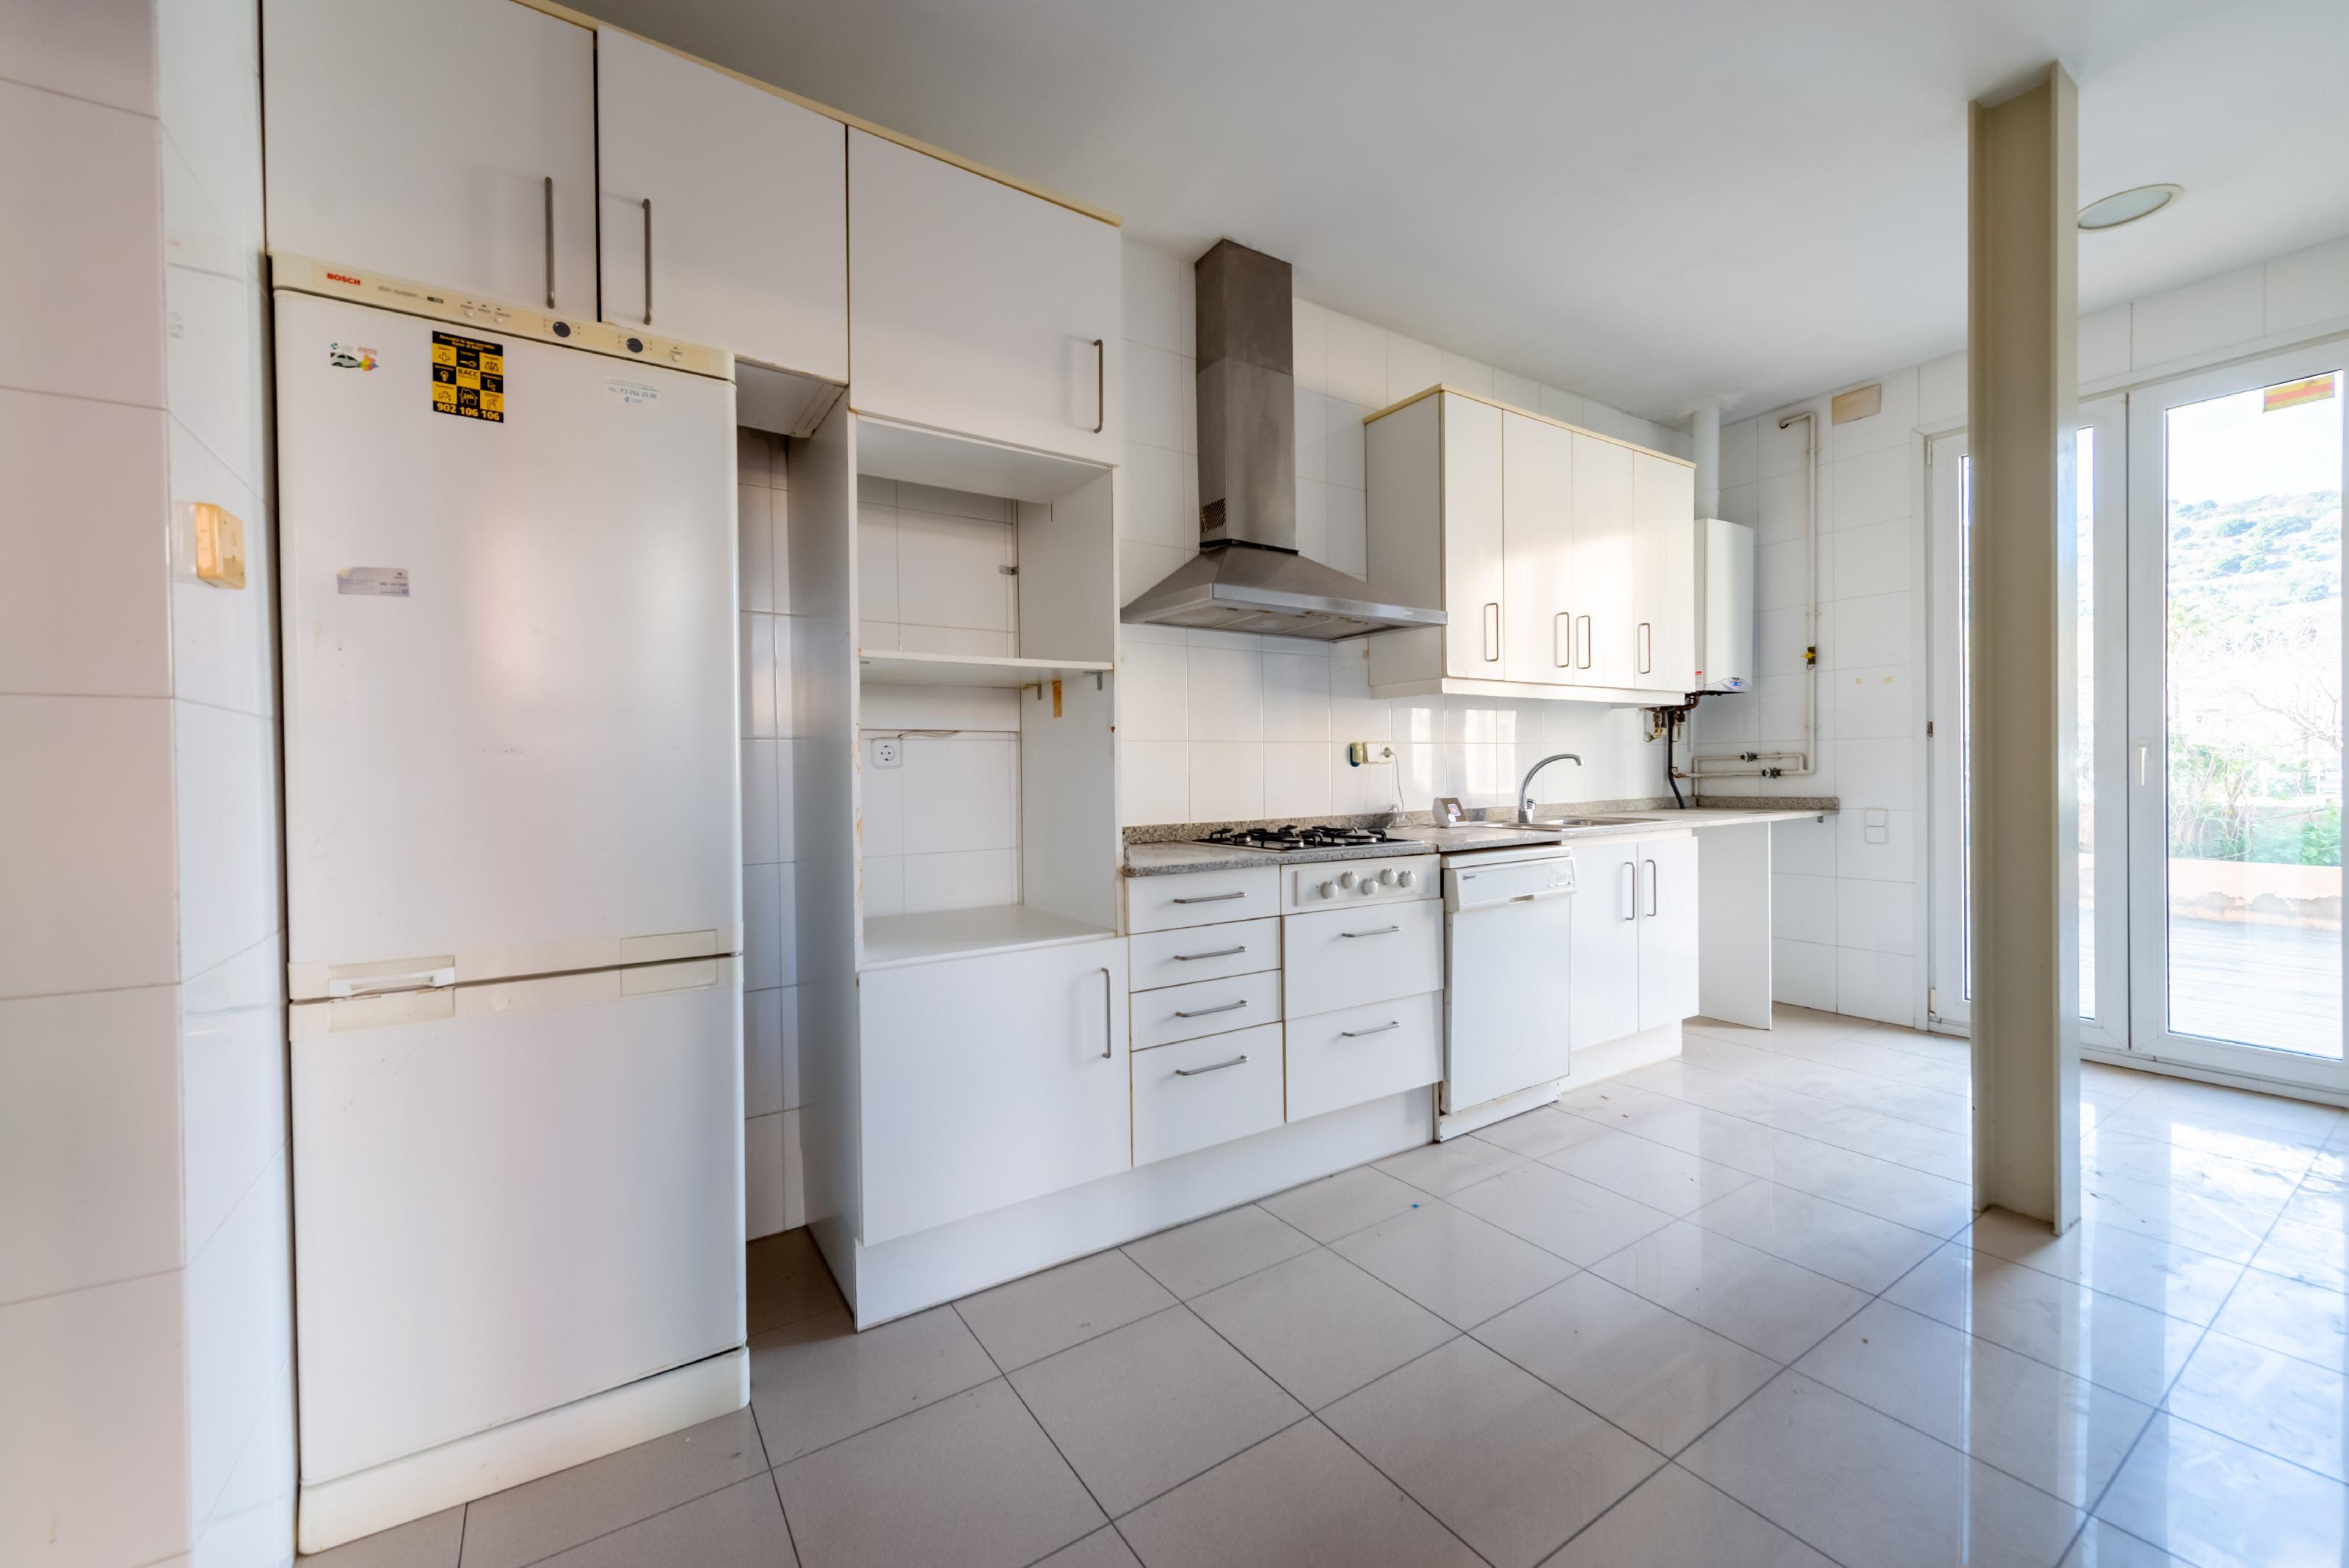 246020 Flat for sale in Sarrià-Sant Gervasi, Sarrià 8